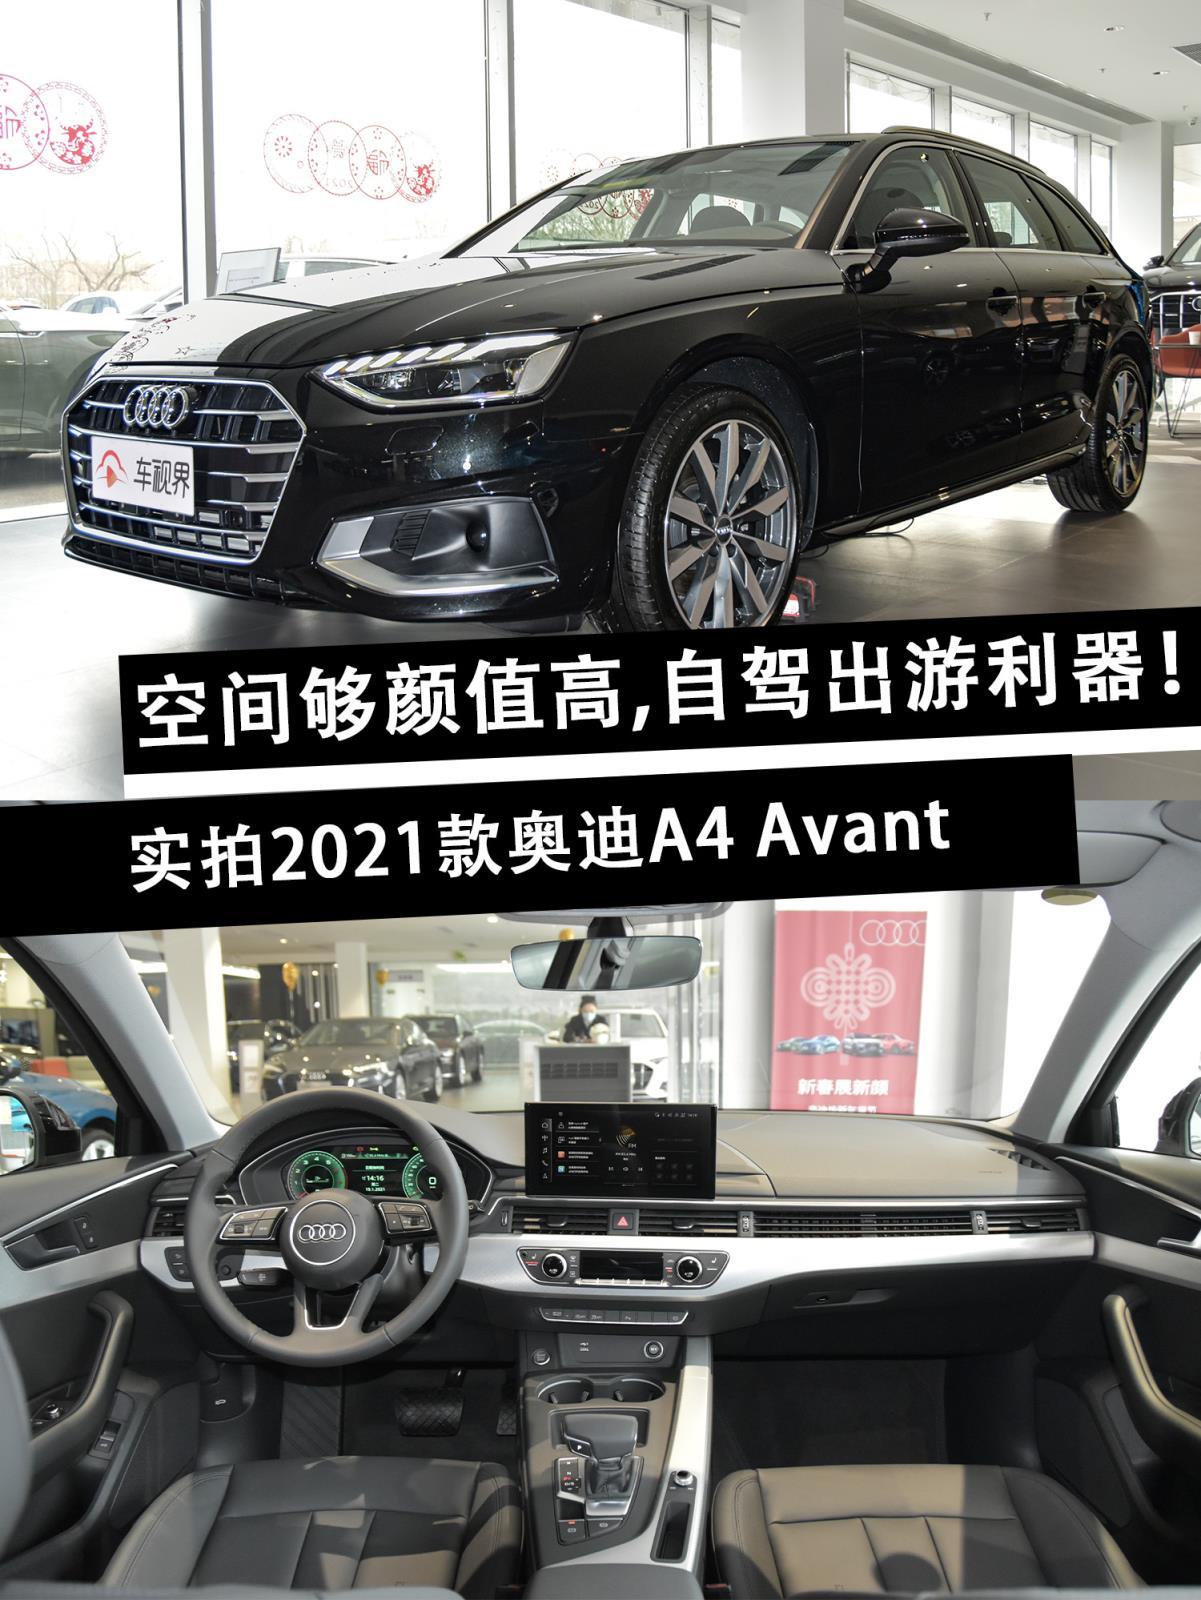 内饰更科技/动力更强劲 实拍2021款奥迪A4 Avant时尚致雅型